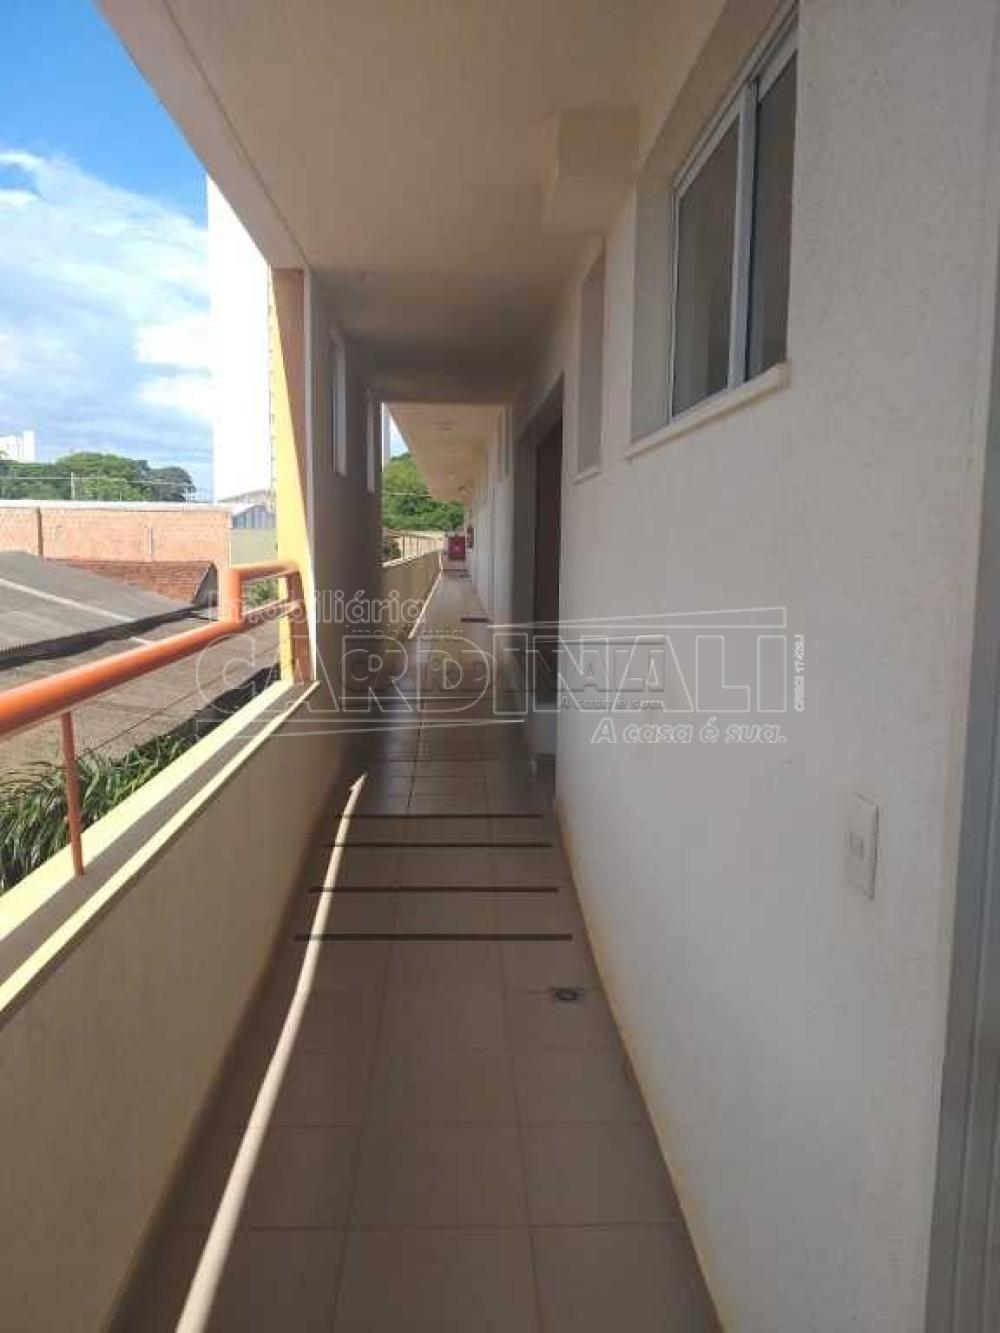 Alugar Apartamento / Padrão em Araraquara R$ 550,00 - Foto 14